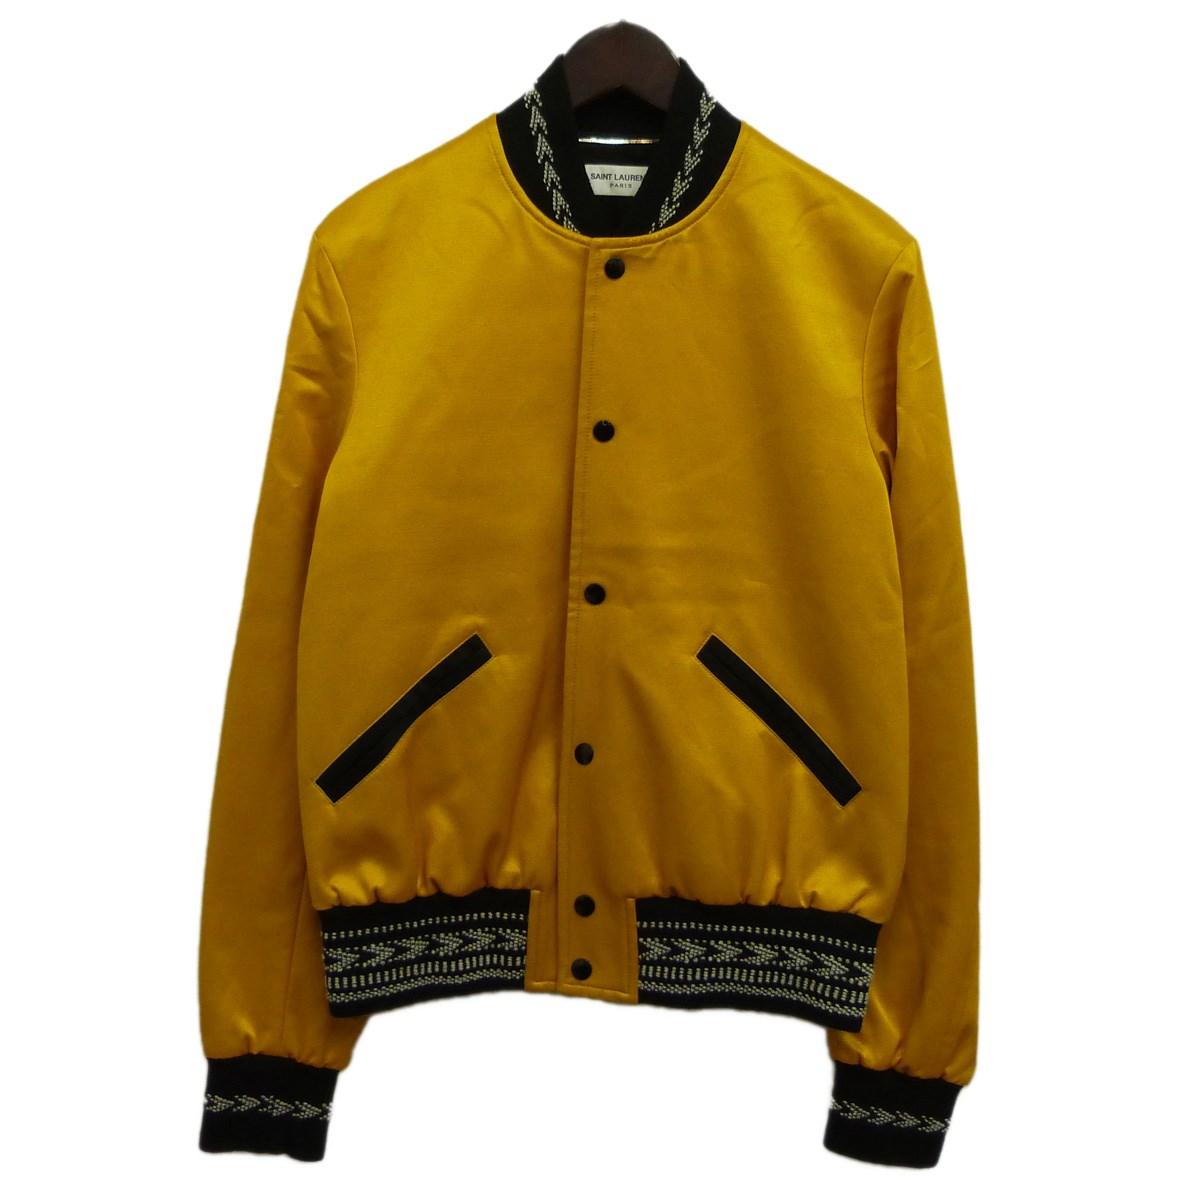 【中古】SAINT LAURENT PARIS18SSサテンヴァーシティジャケット イエロー サイズ:46【2月27日見直し】